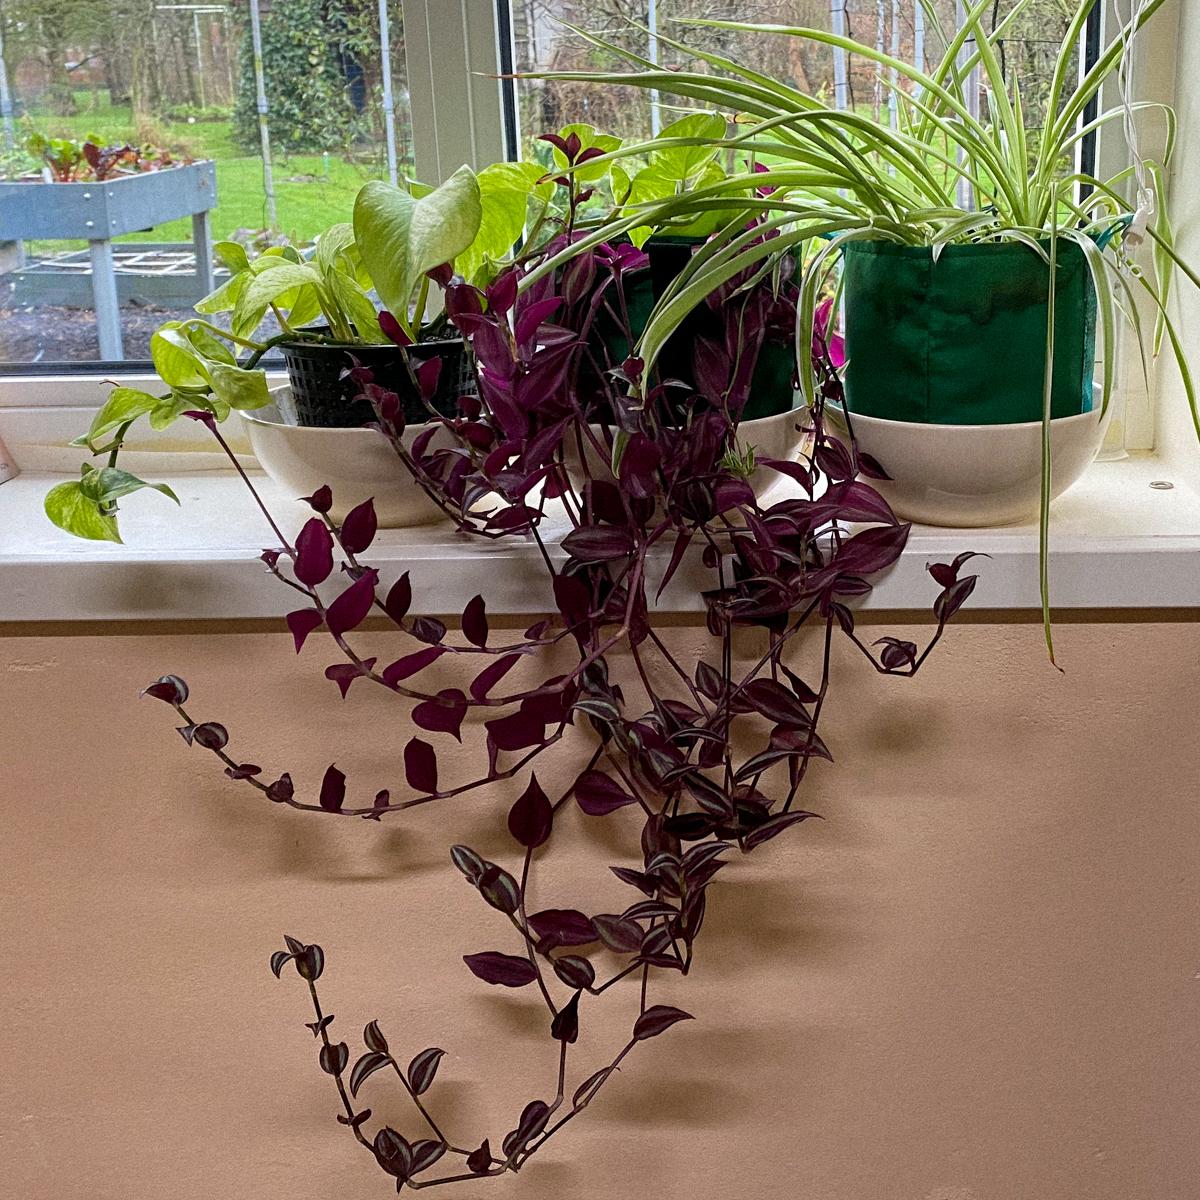 Kamerplanten in growbags en Makkelijke Moestuinmix